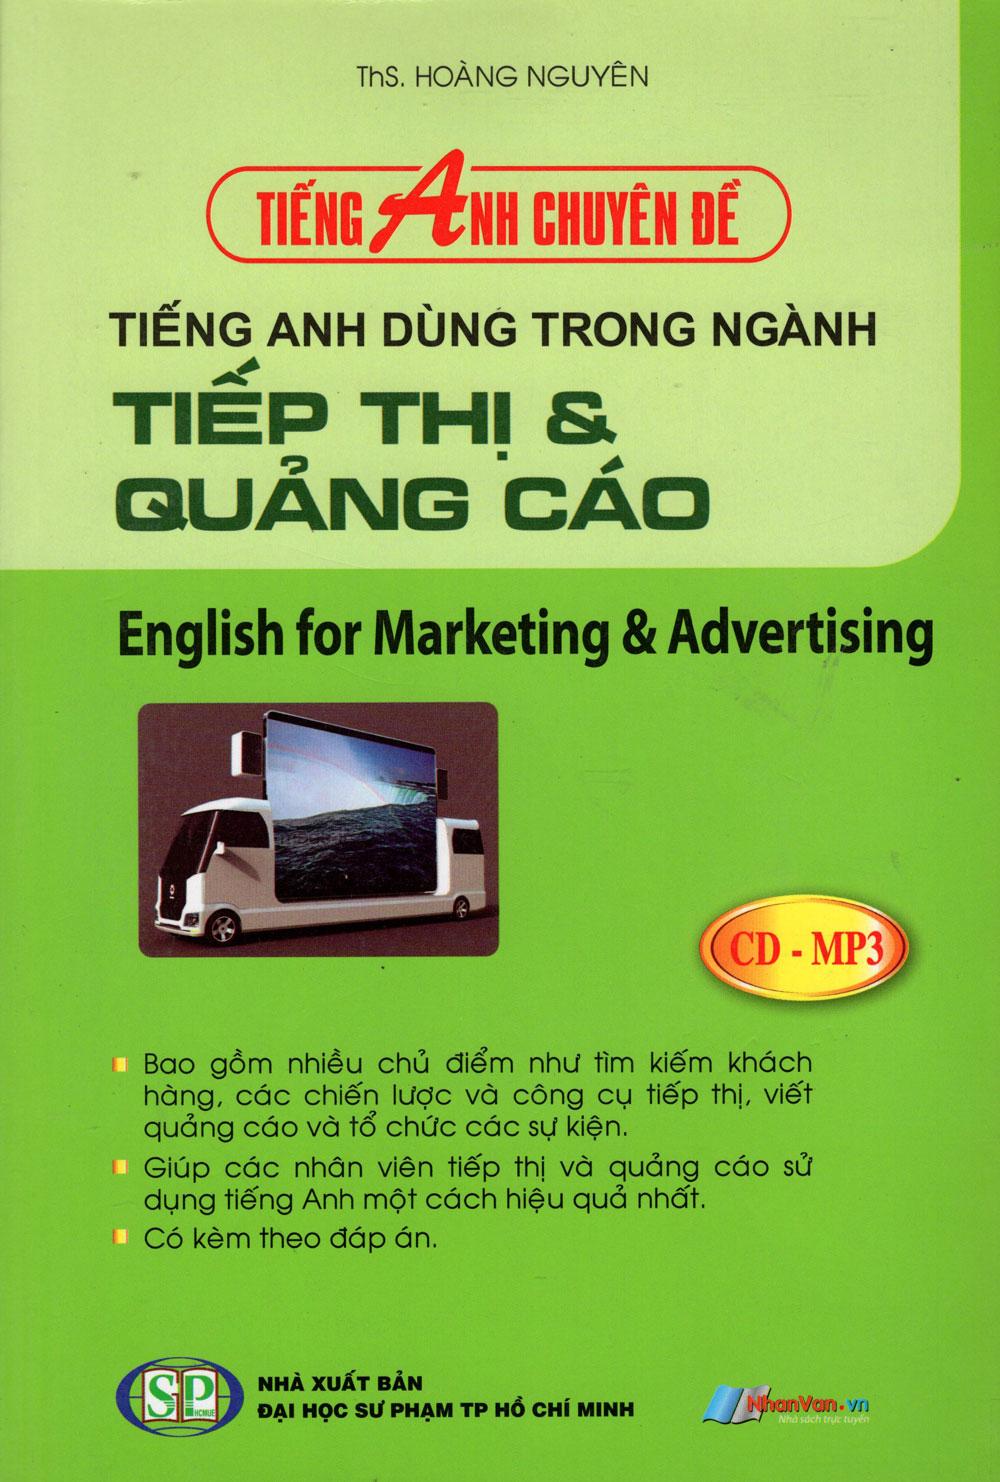 Bìa sách Tiếng Anh Chuyên Đề - Tiếng Anh Trong Ngành Tiếp Thị  Quảng Cáo (Kèm CD)